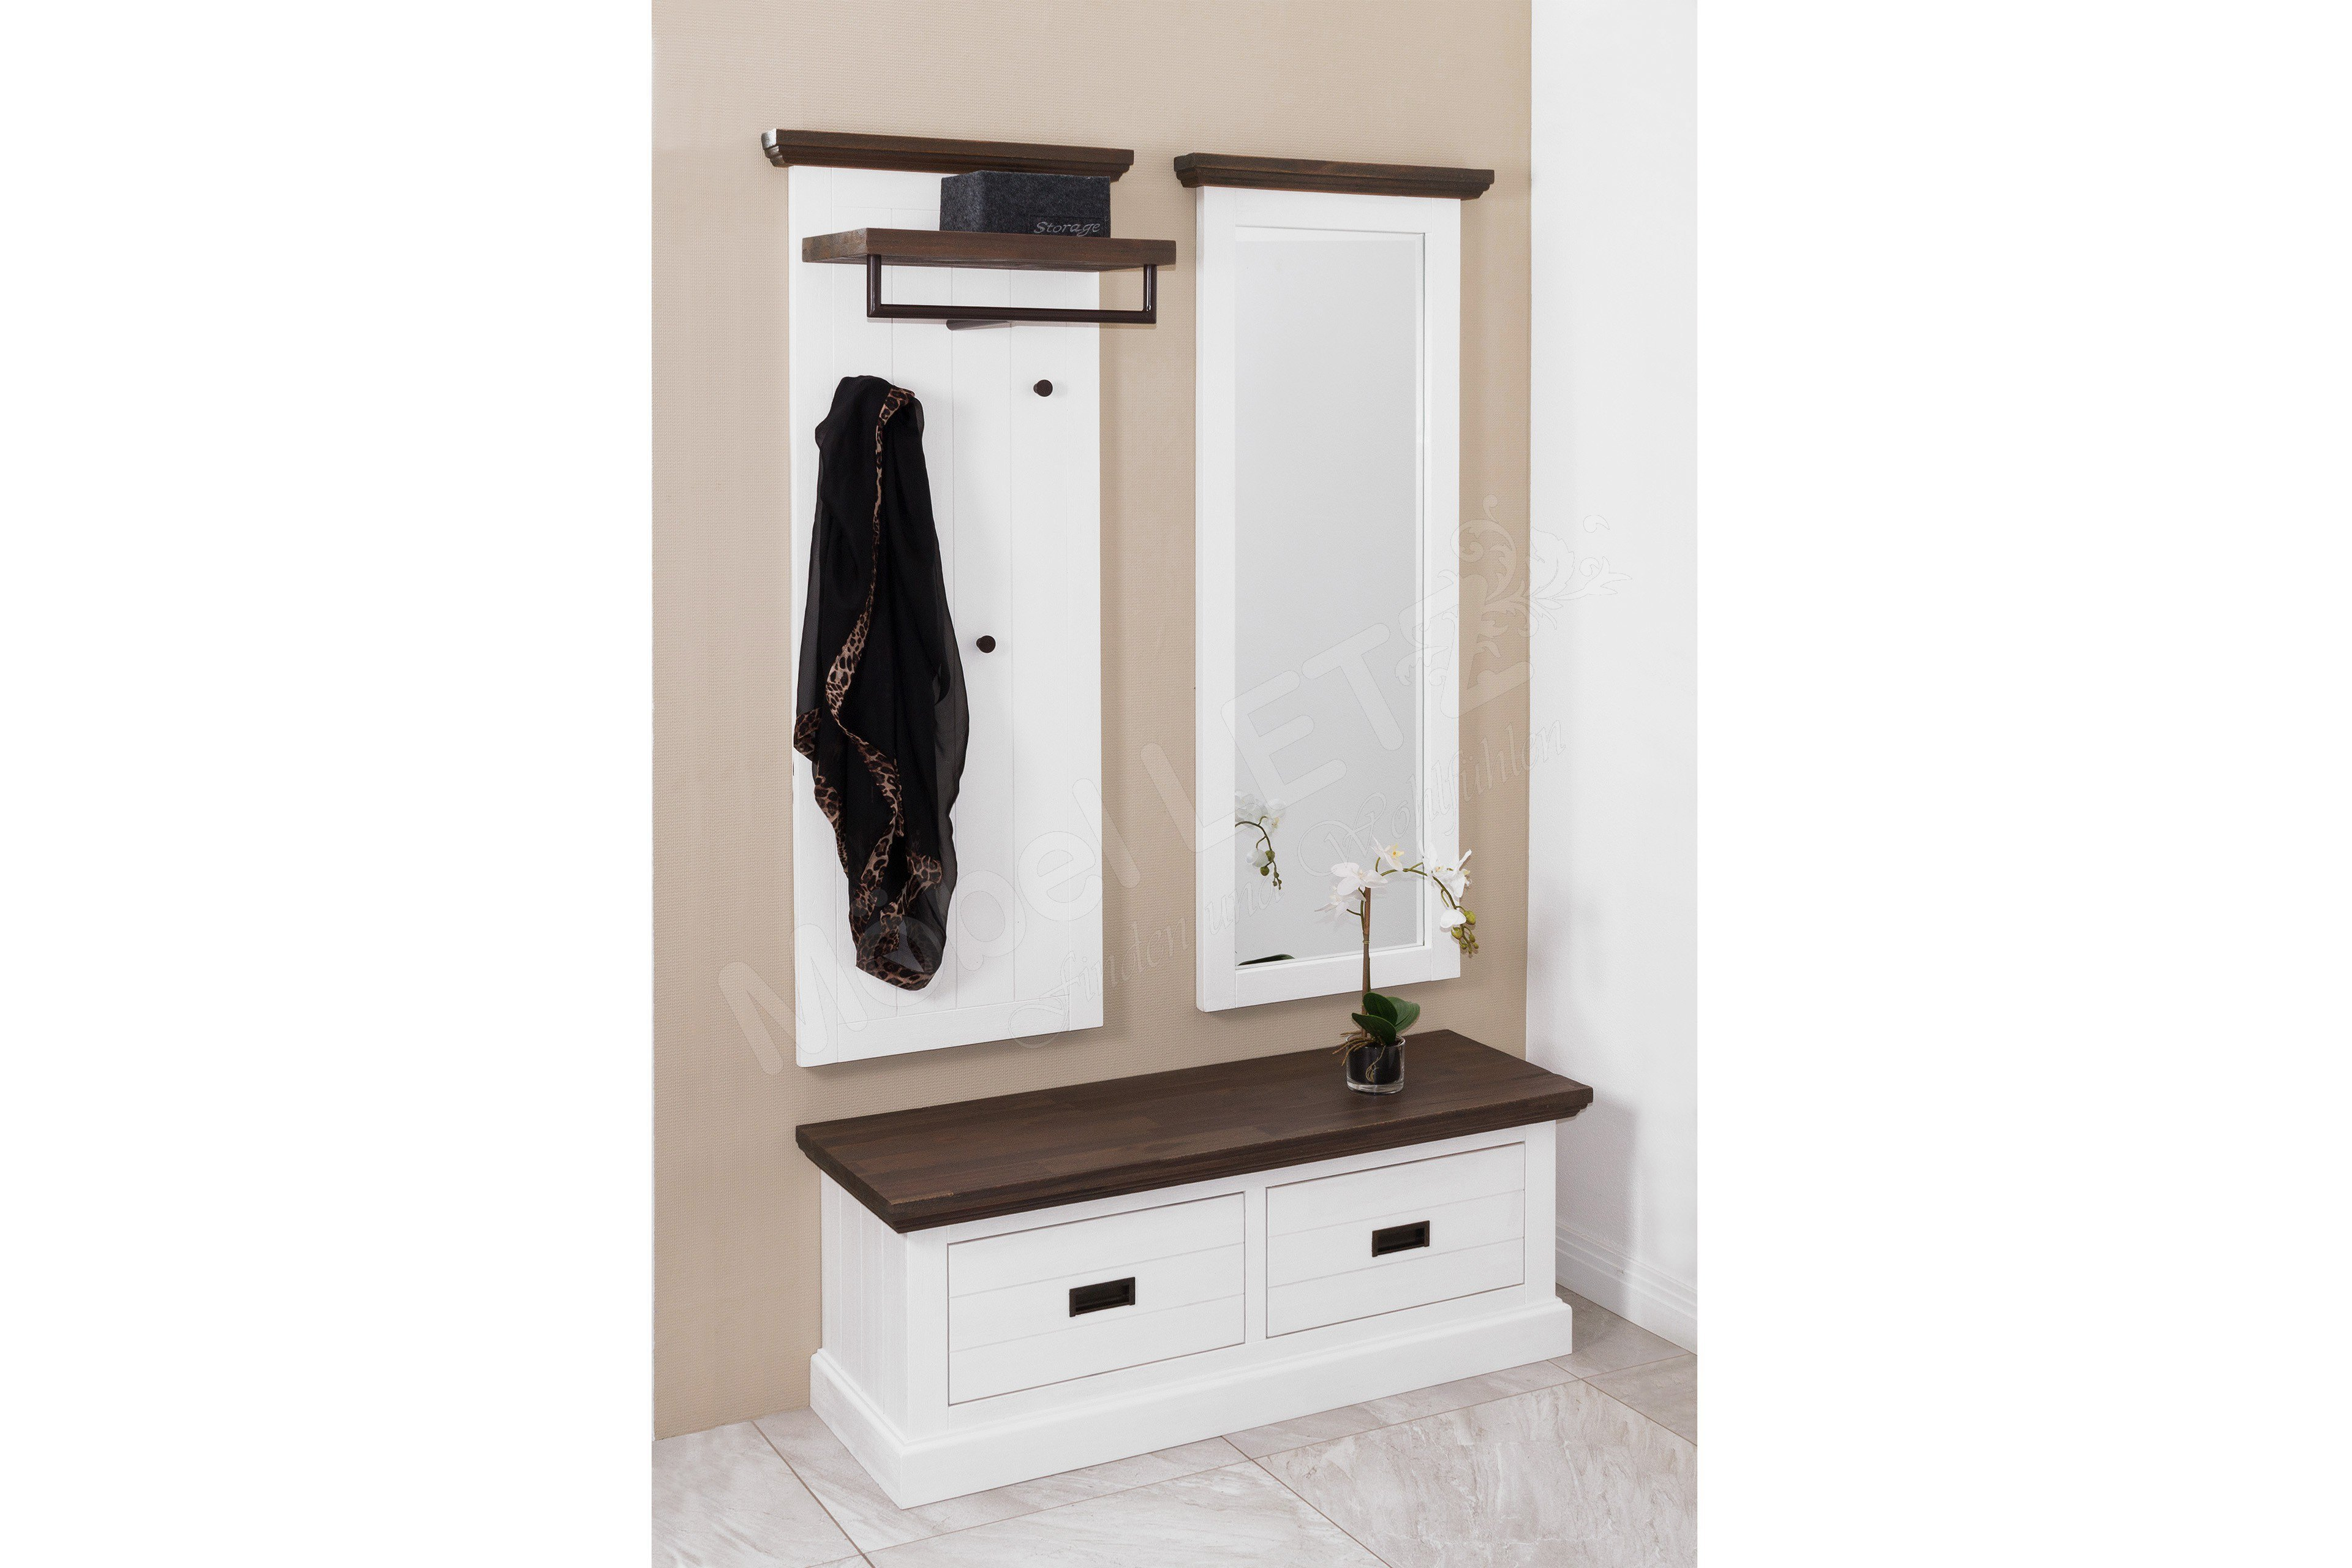 d869e1b0eb0086 Garderobe Gomera  Gesine in Weiß von MCA furniture